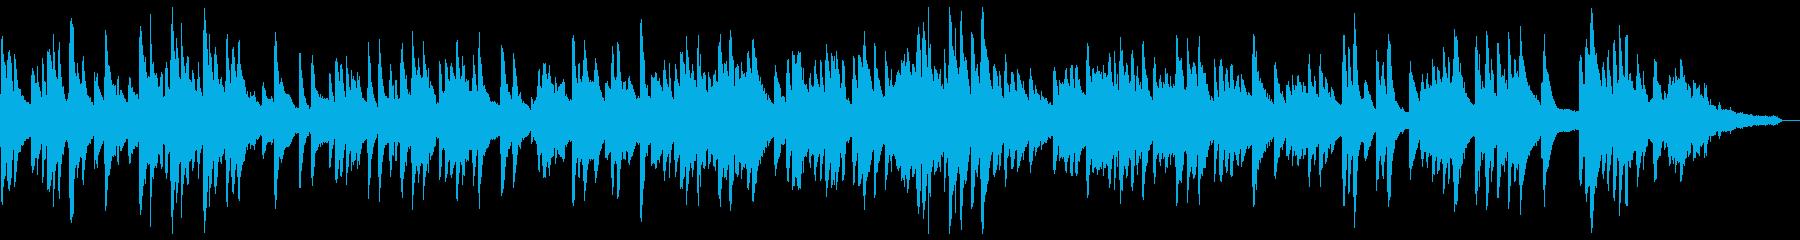 赤とんぼ ピアノソロ BGM 伴奏の再生済みの波形